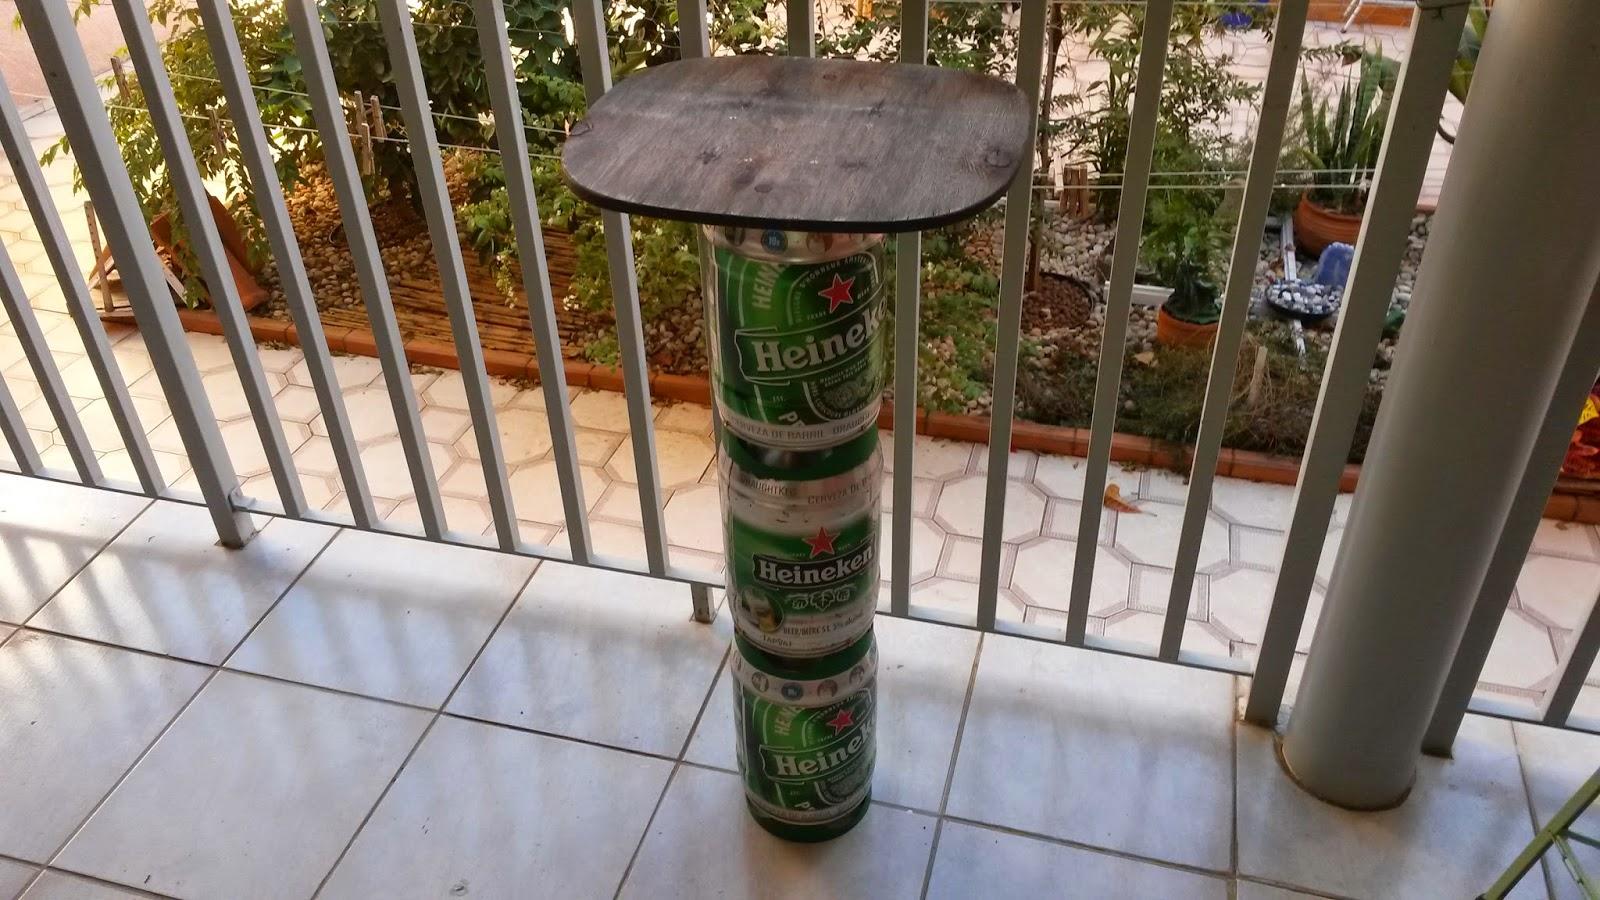 Oficina do quintal como fazer uma mesa alta para bar usando barril de cerveja - Mesas altas de bar ...